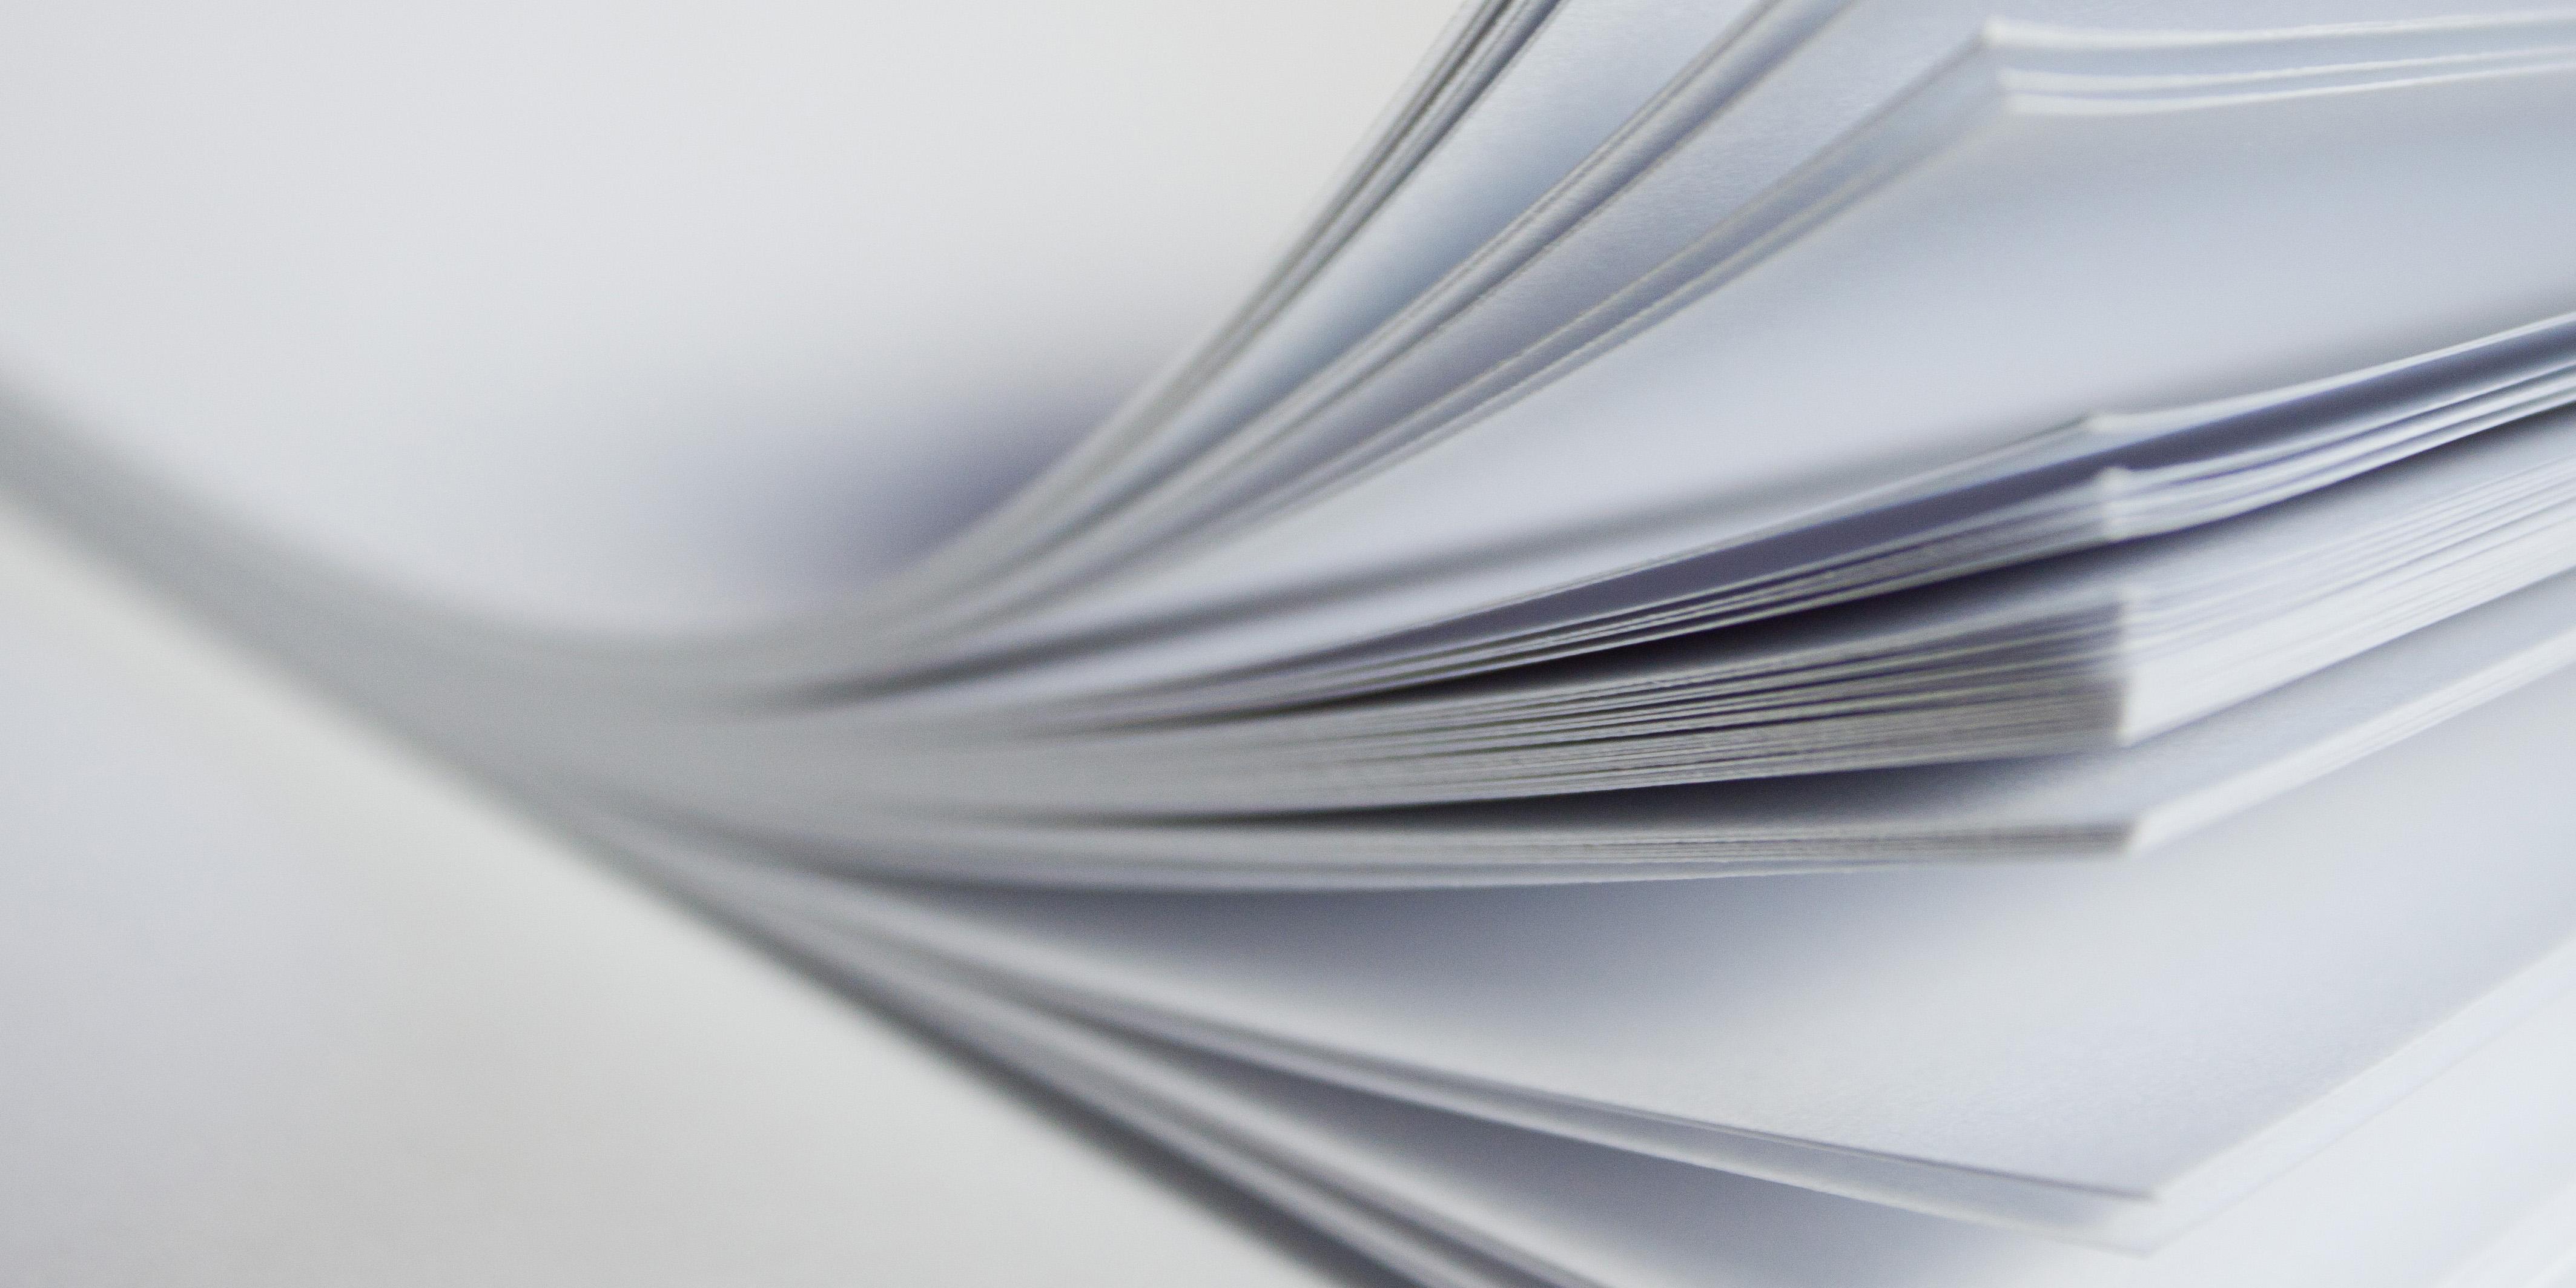 نرخ فروش کاغذ در بازار